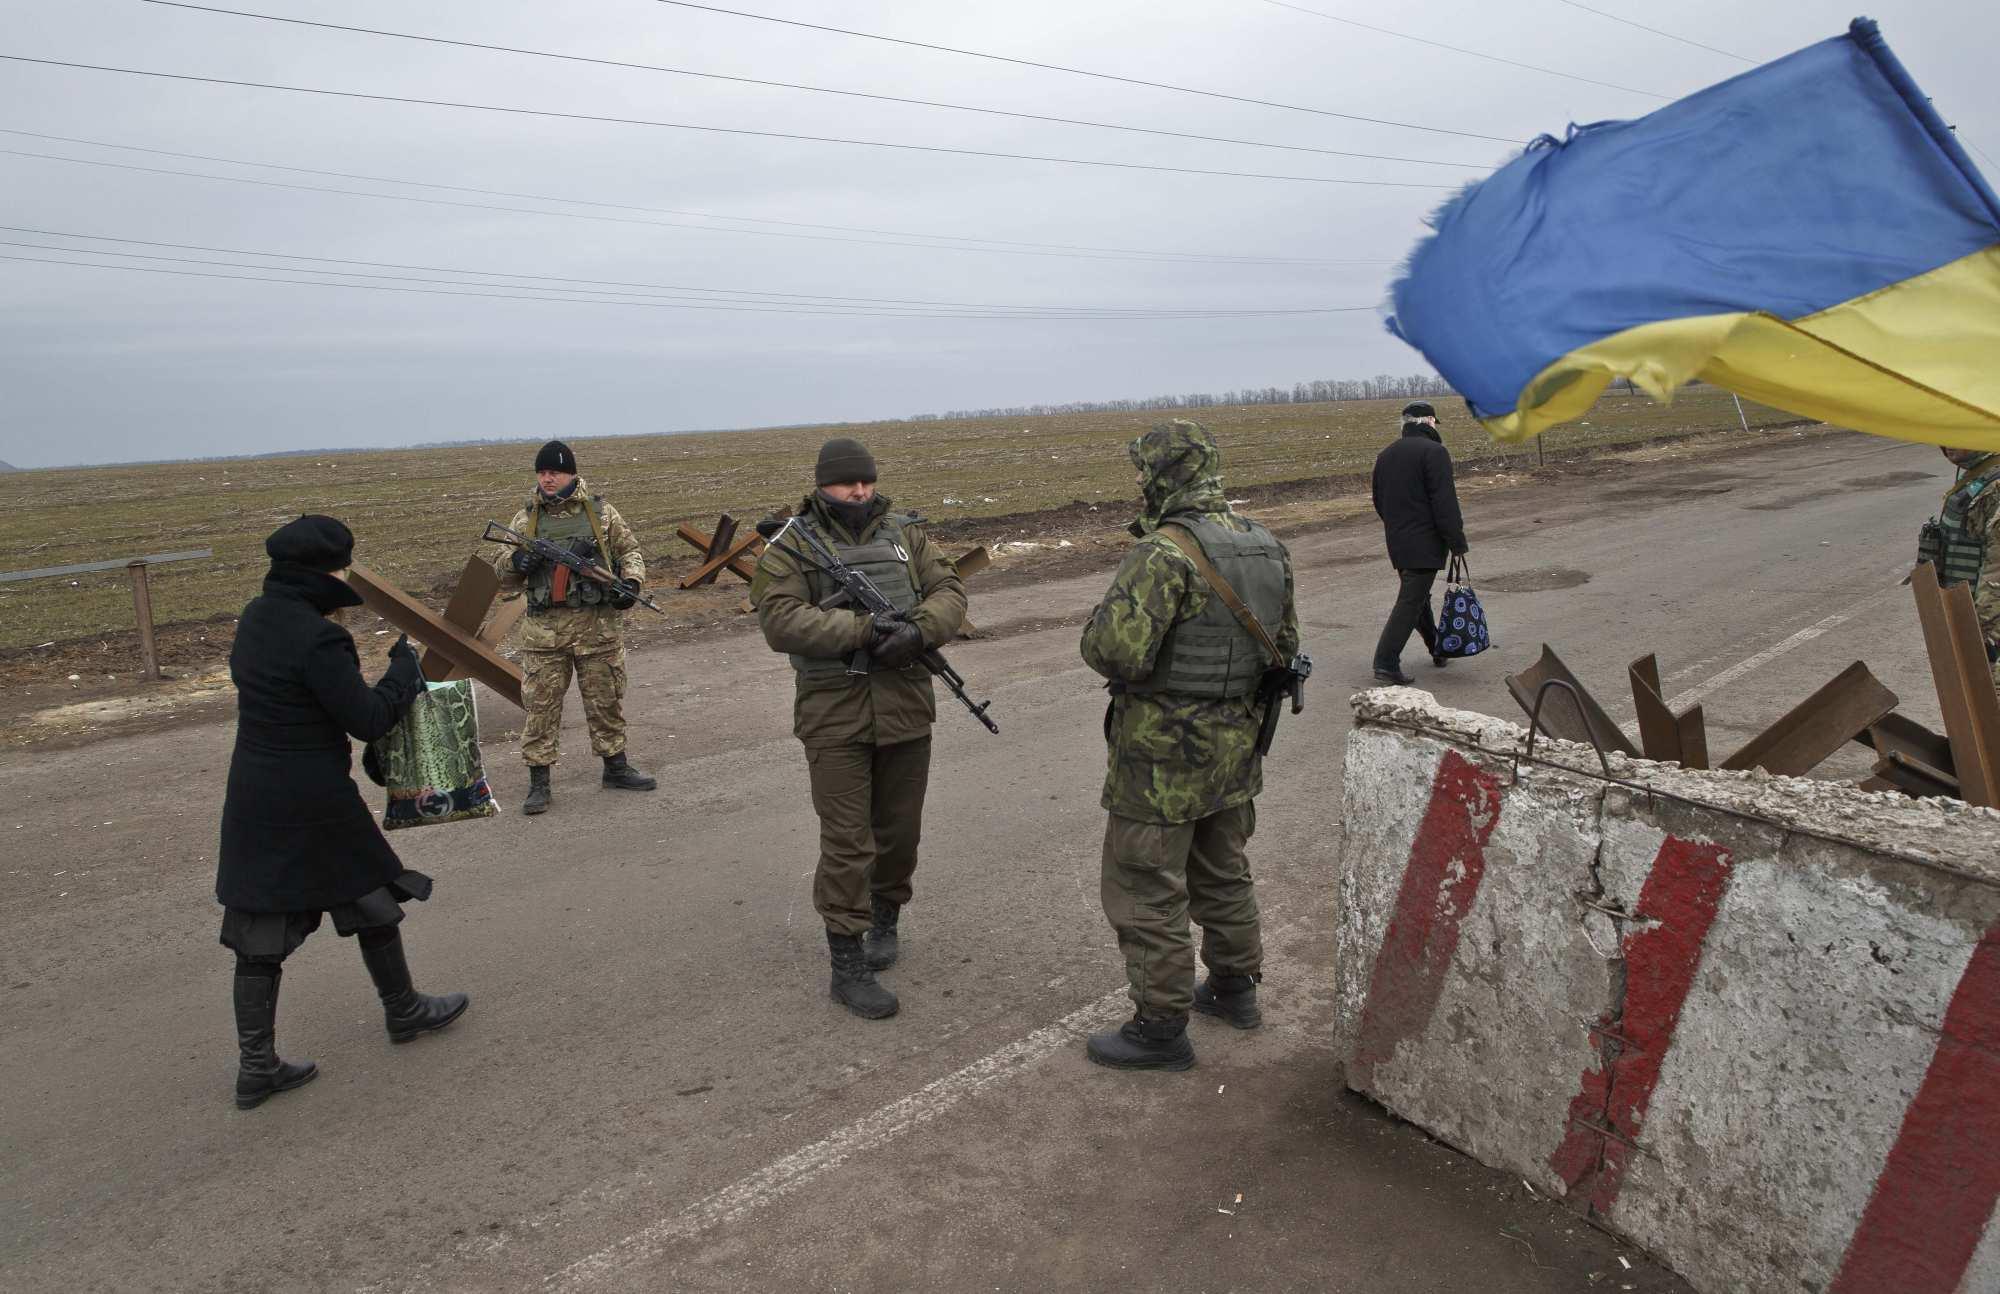 ВСУ начали установку веб-камер для выявления сепаратистов среди жителей | Русская весна